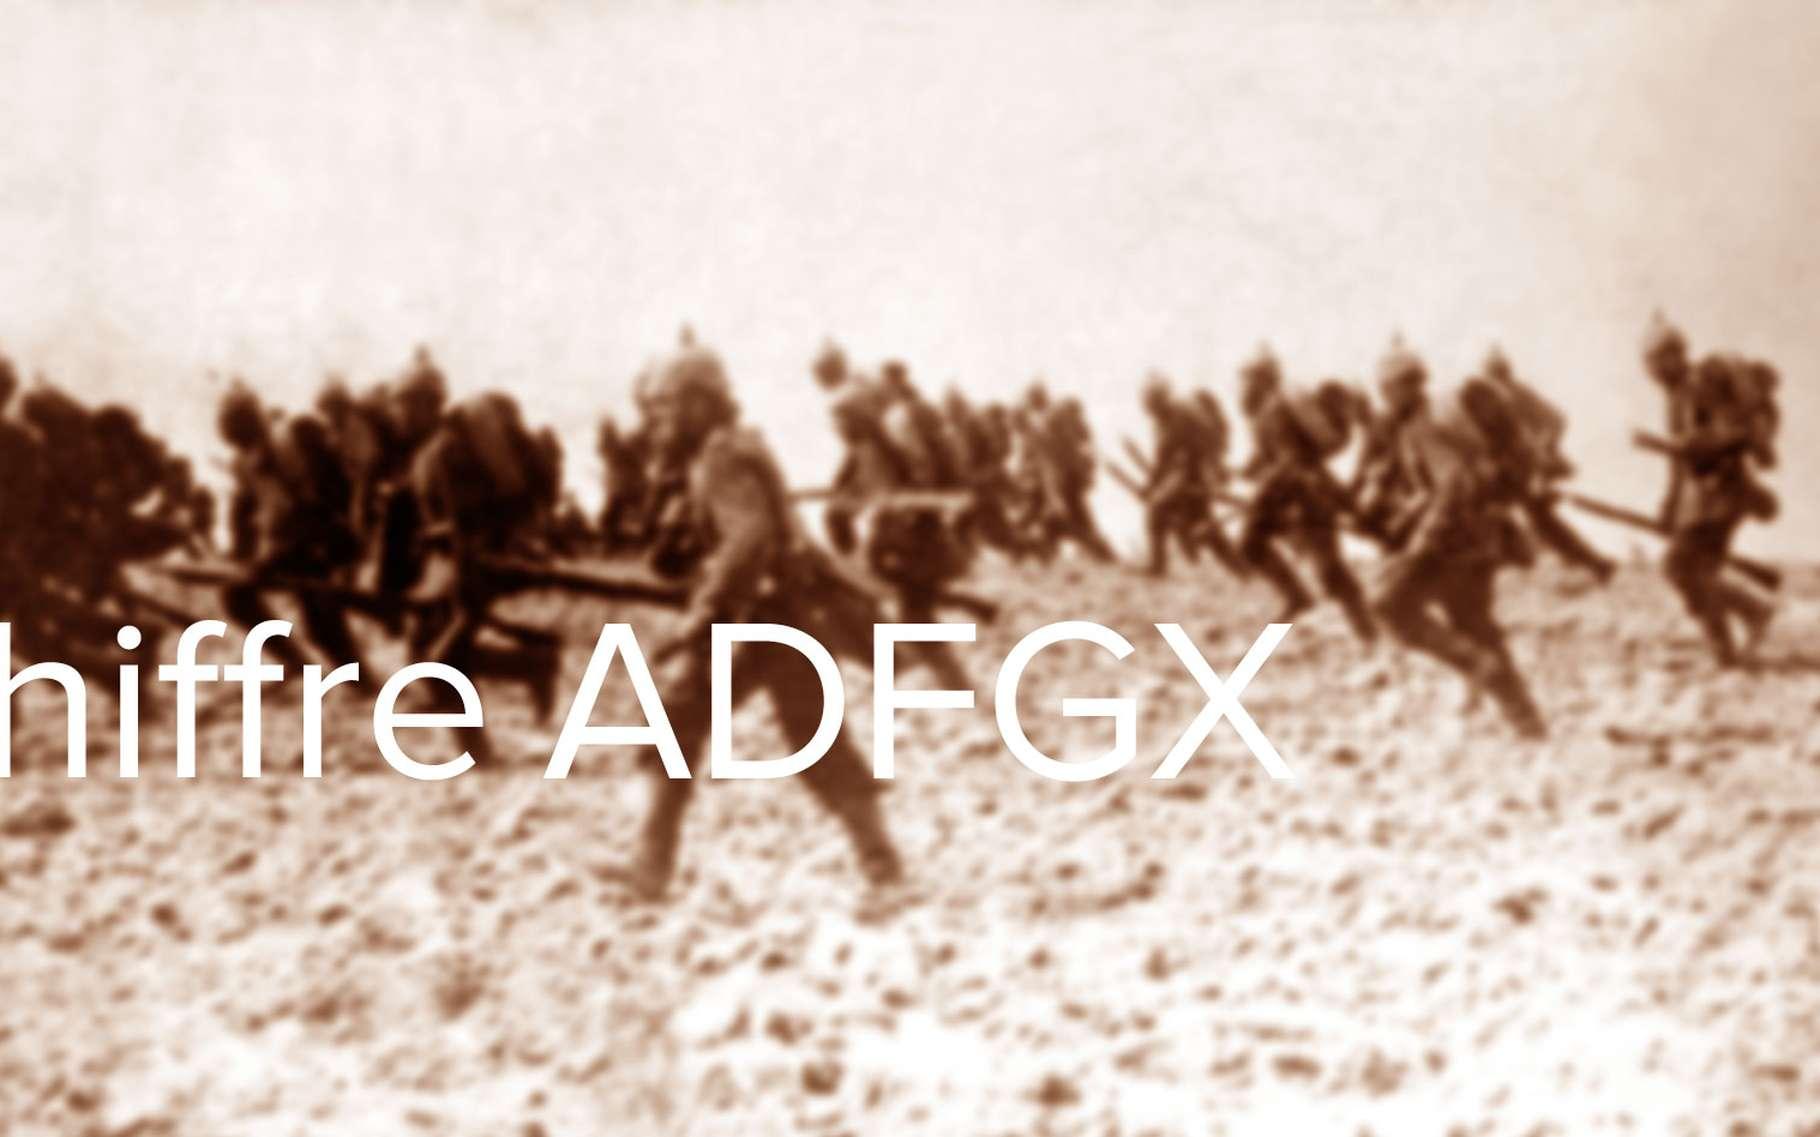 Comment décrypter le chiffre ADFGX ? © DP